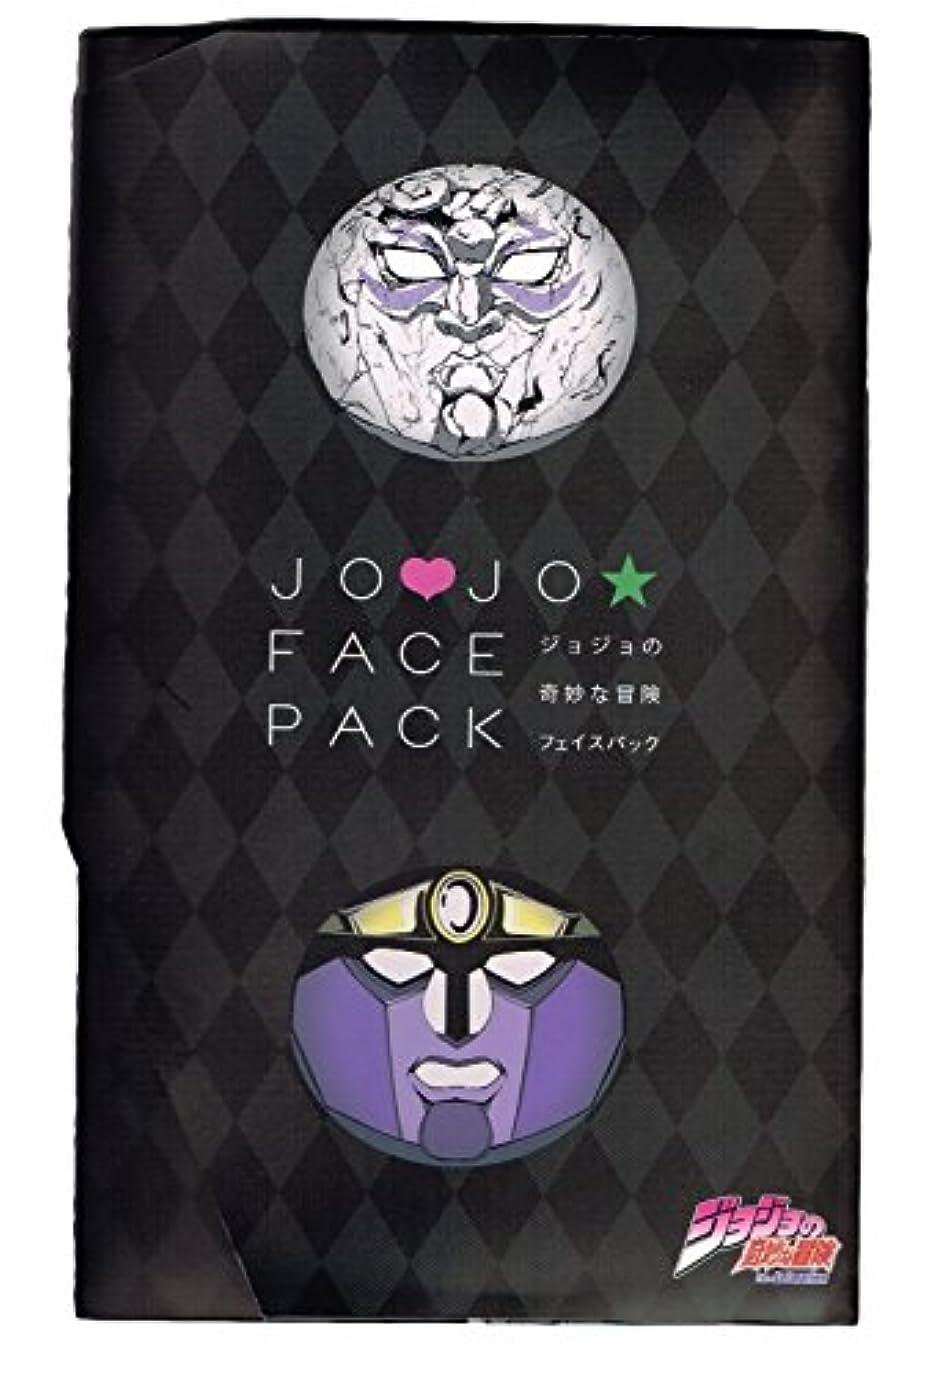 維持滑り台側ジョジョの奇妙な冒険フェイスパック 石仮面 / スタープラチナ